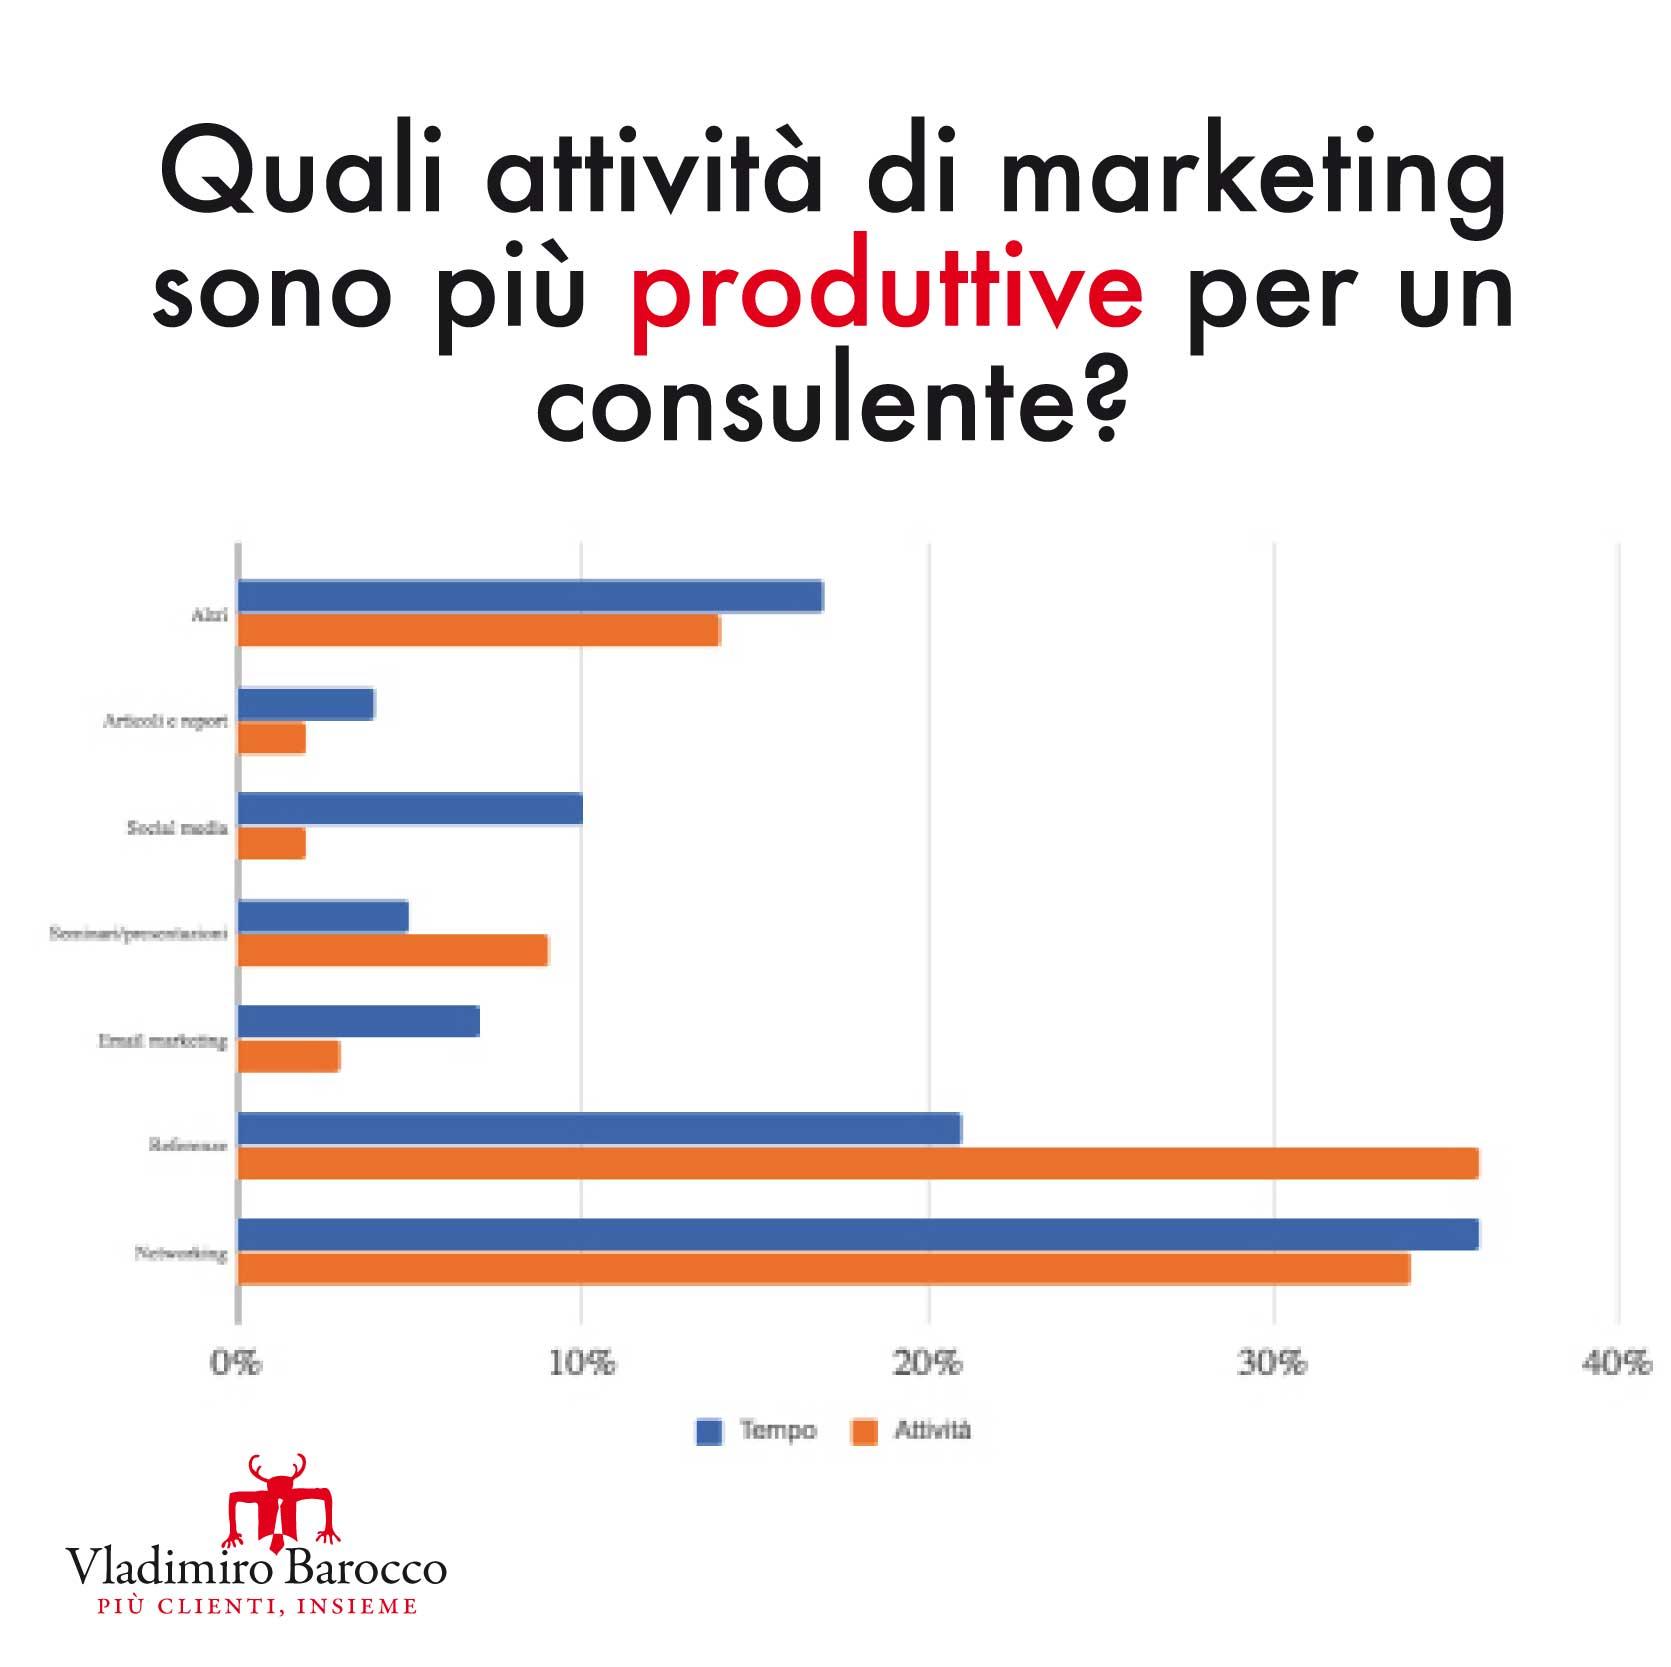 Quali attività di marketing sono più produttive per un consulente?